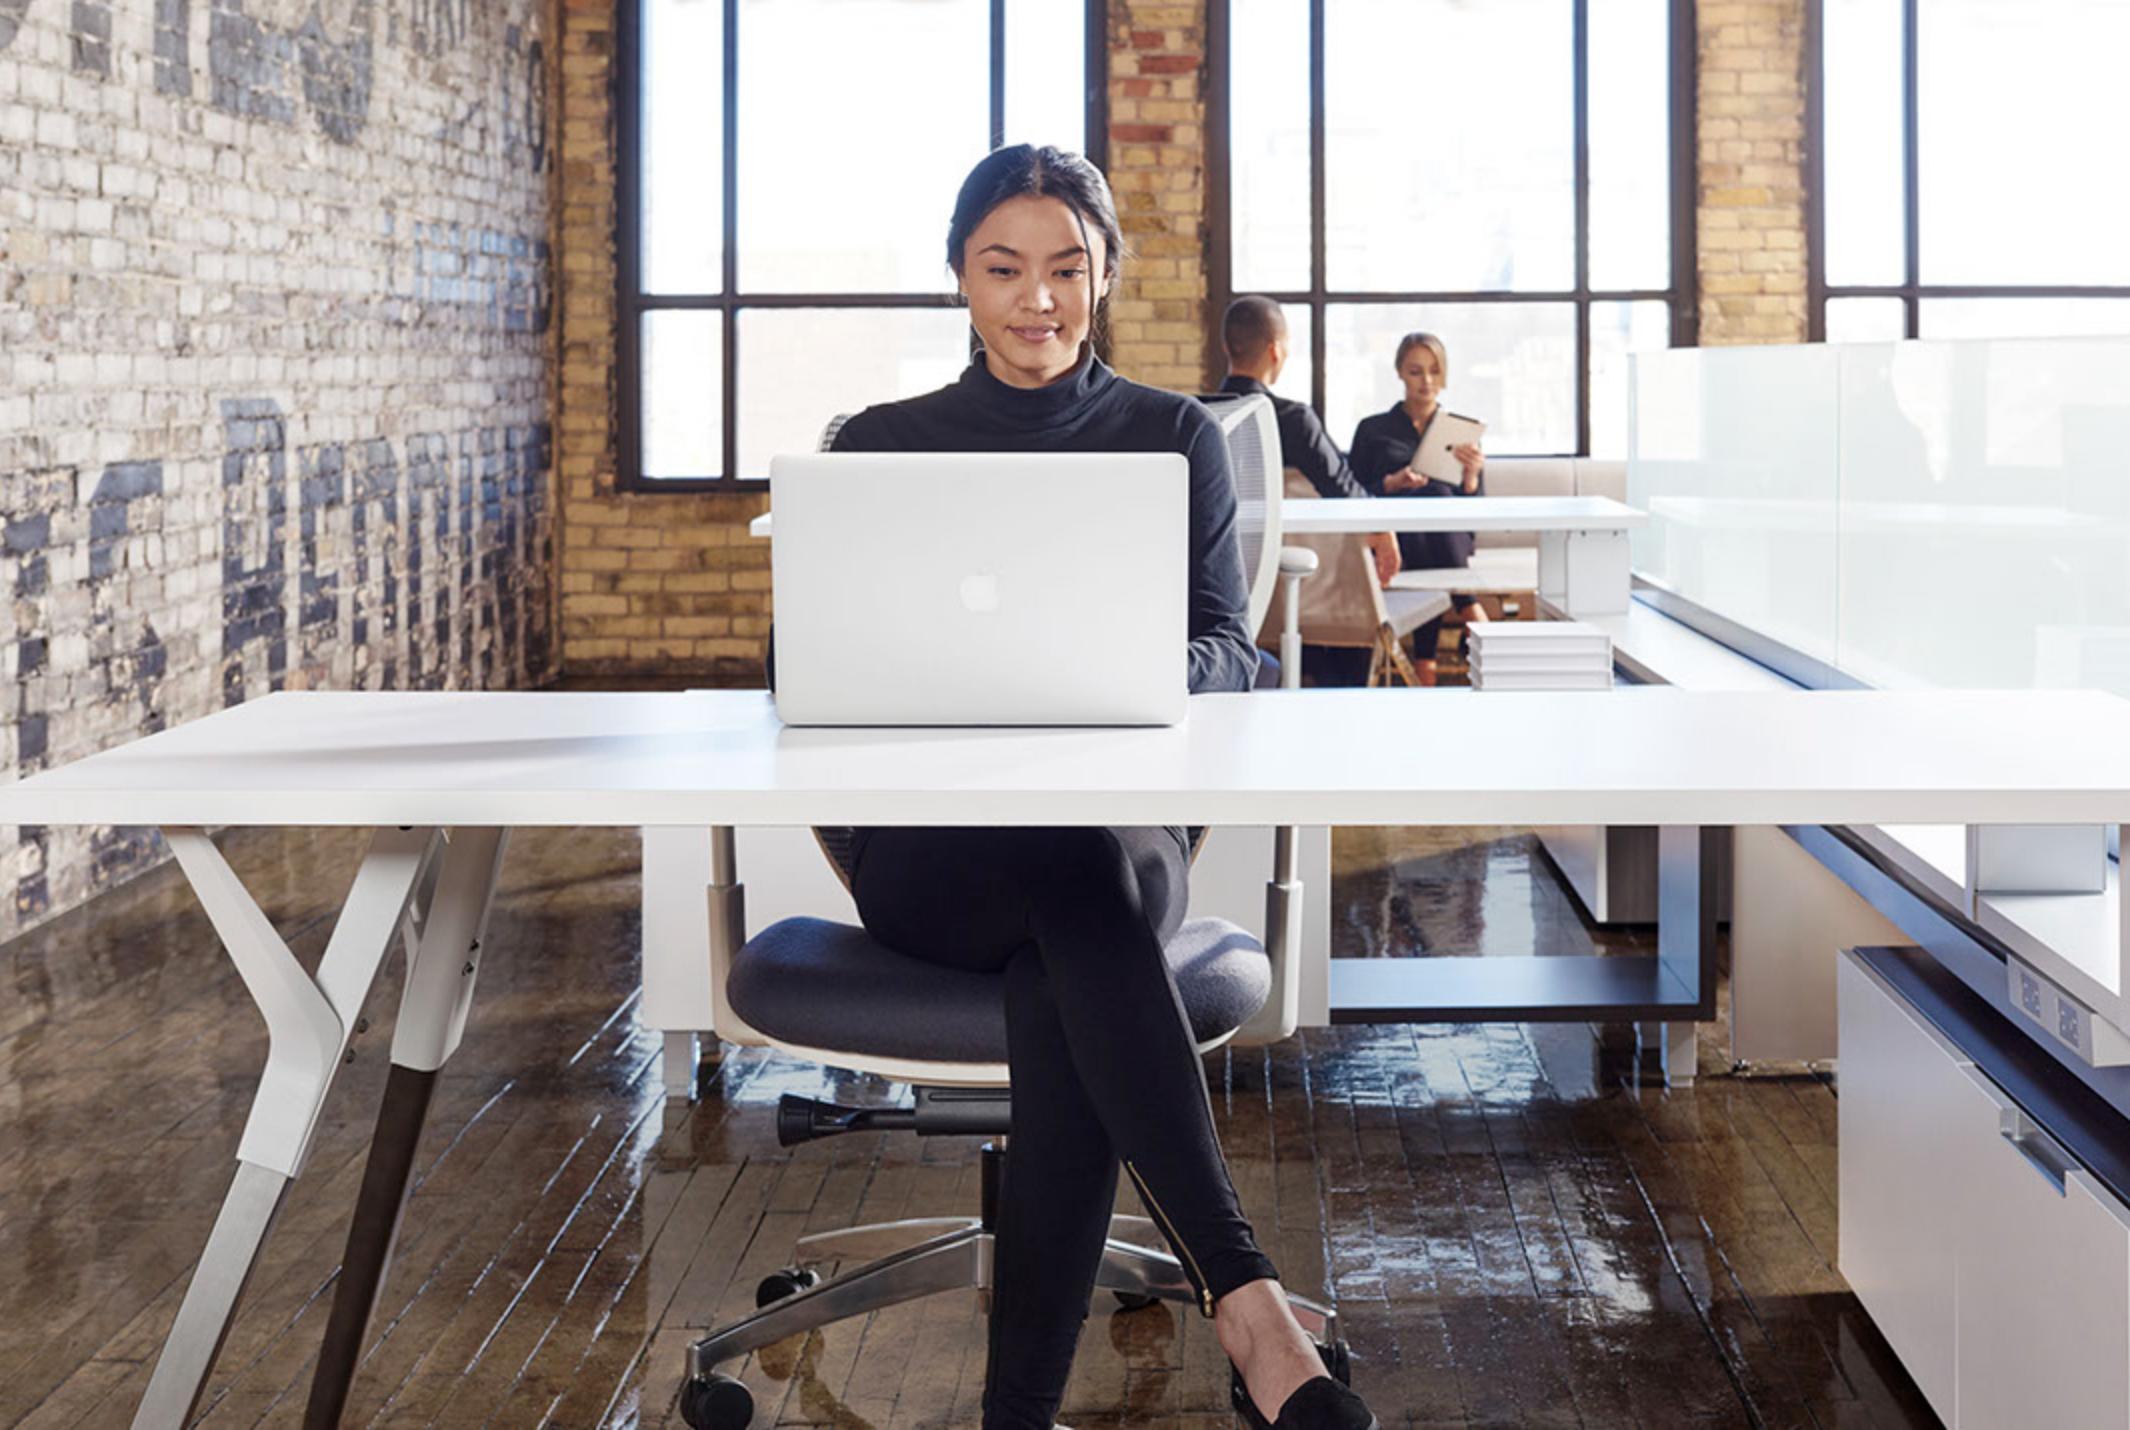 WO_Woman-Laptop-Desk